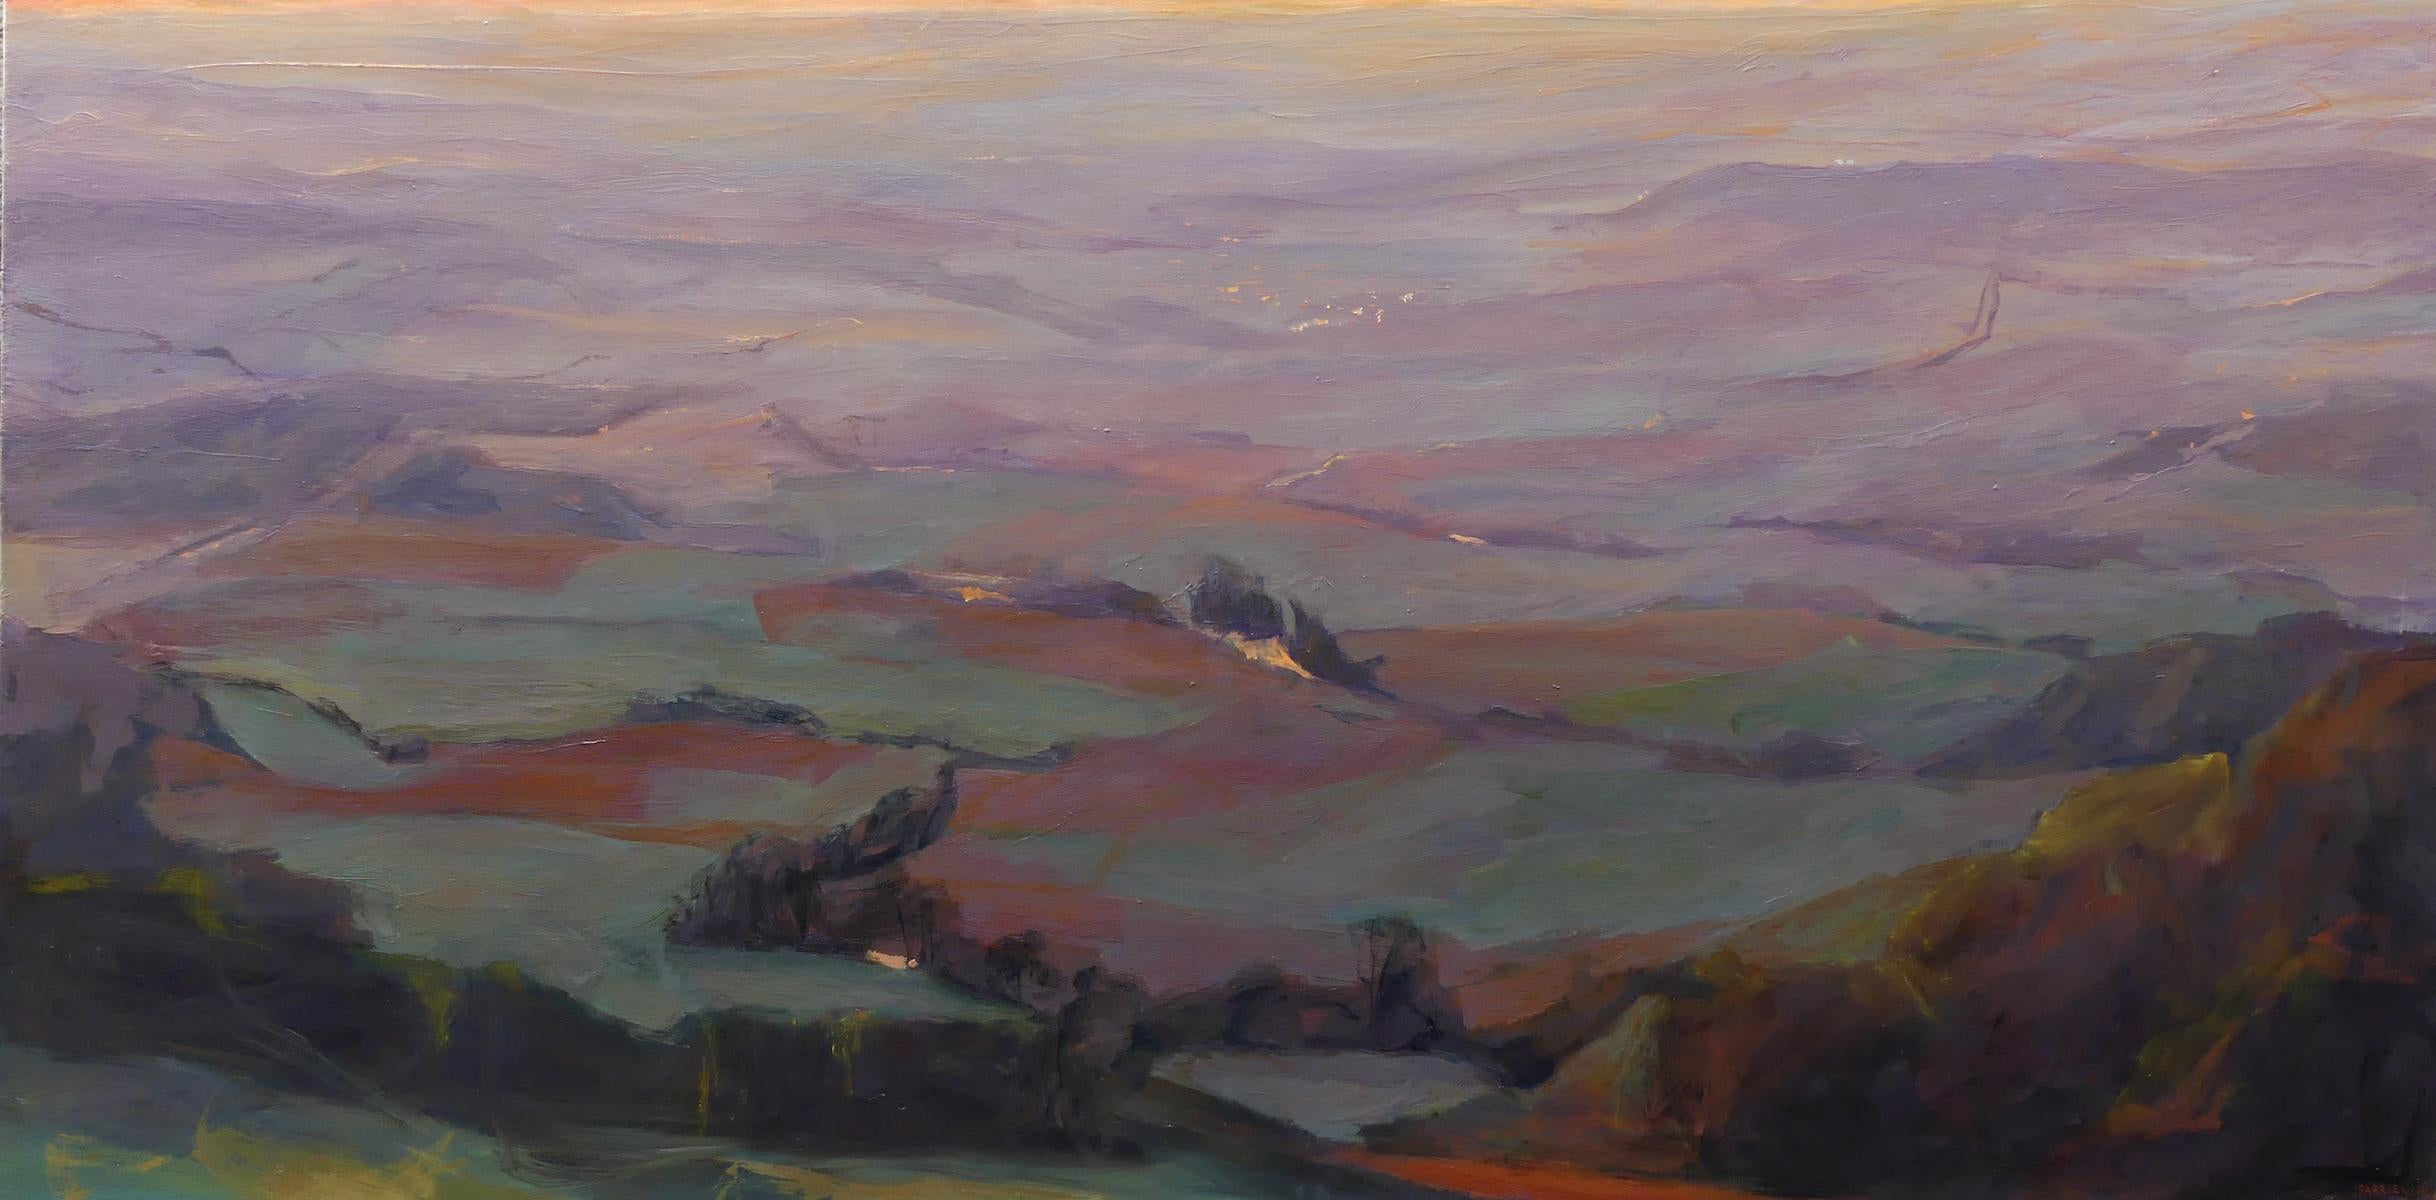 Purple Landscapes - large-scale contemporary landscape painting